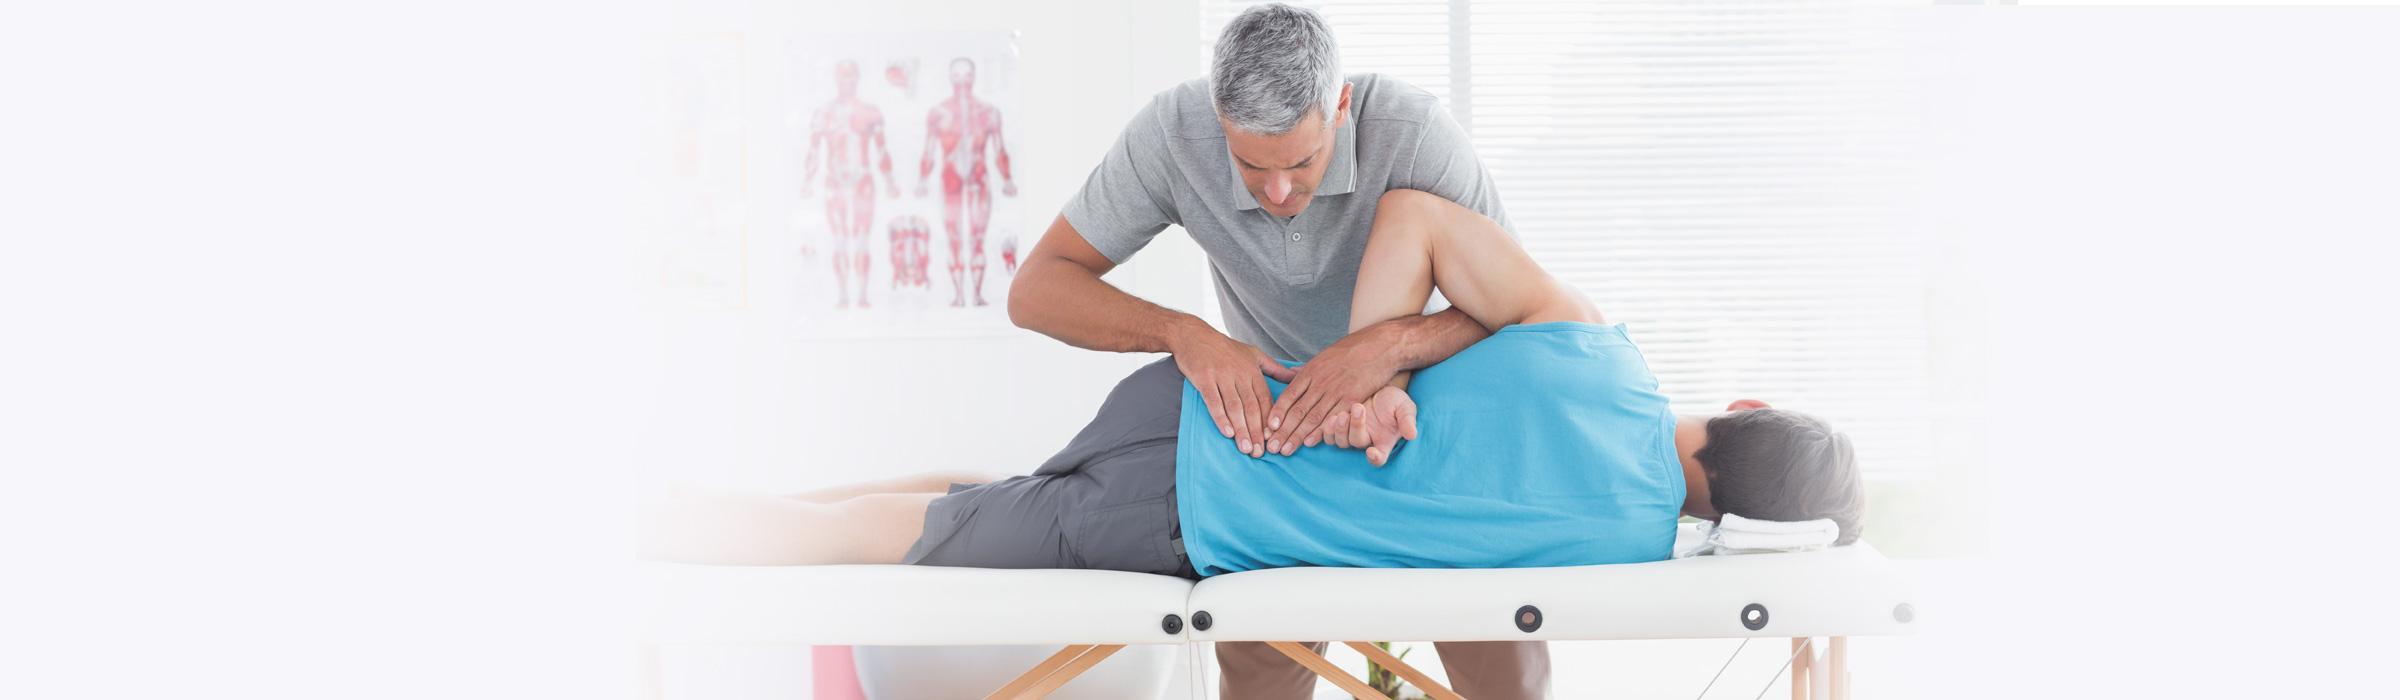 back-pain-slider